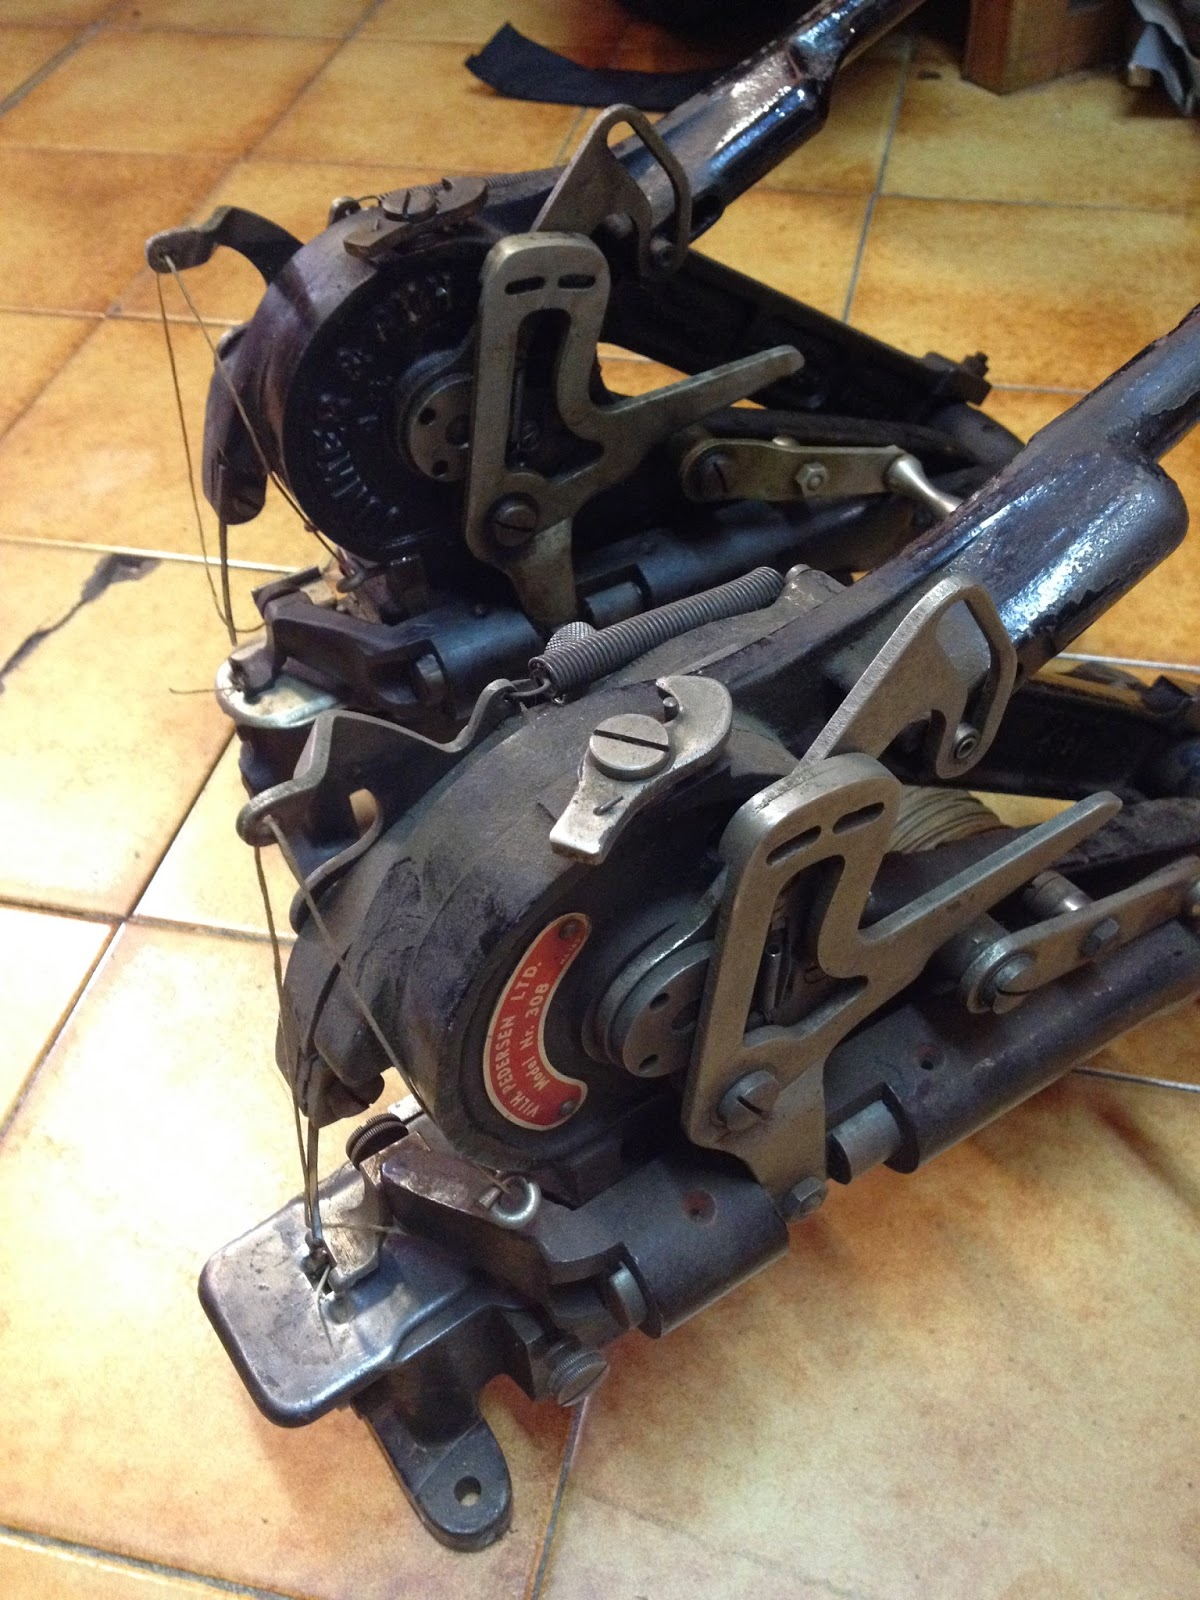 Ruh SD28 Dans l'atelier de votre cordonnier, trois machines à coudre principales lui  servent à faire pratiquement toutes les réparations nécessaires à la  longévité ...